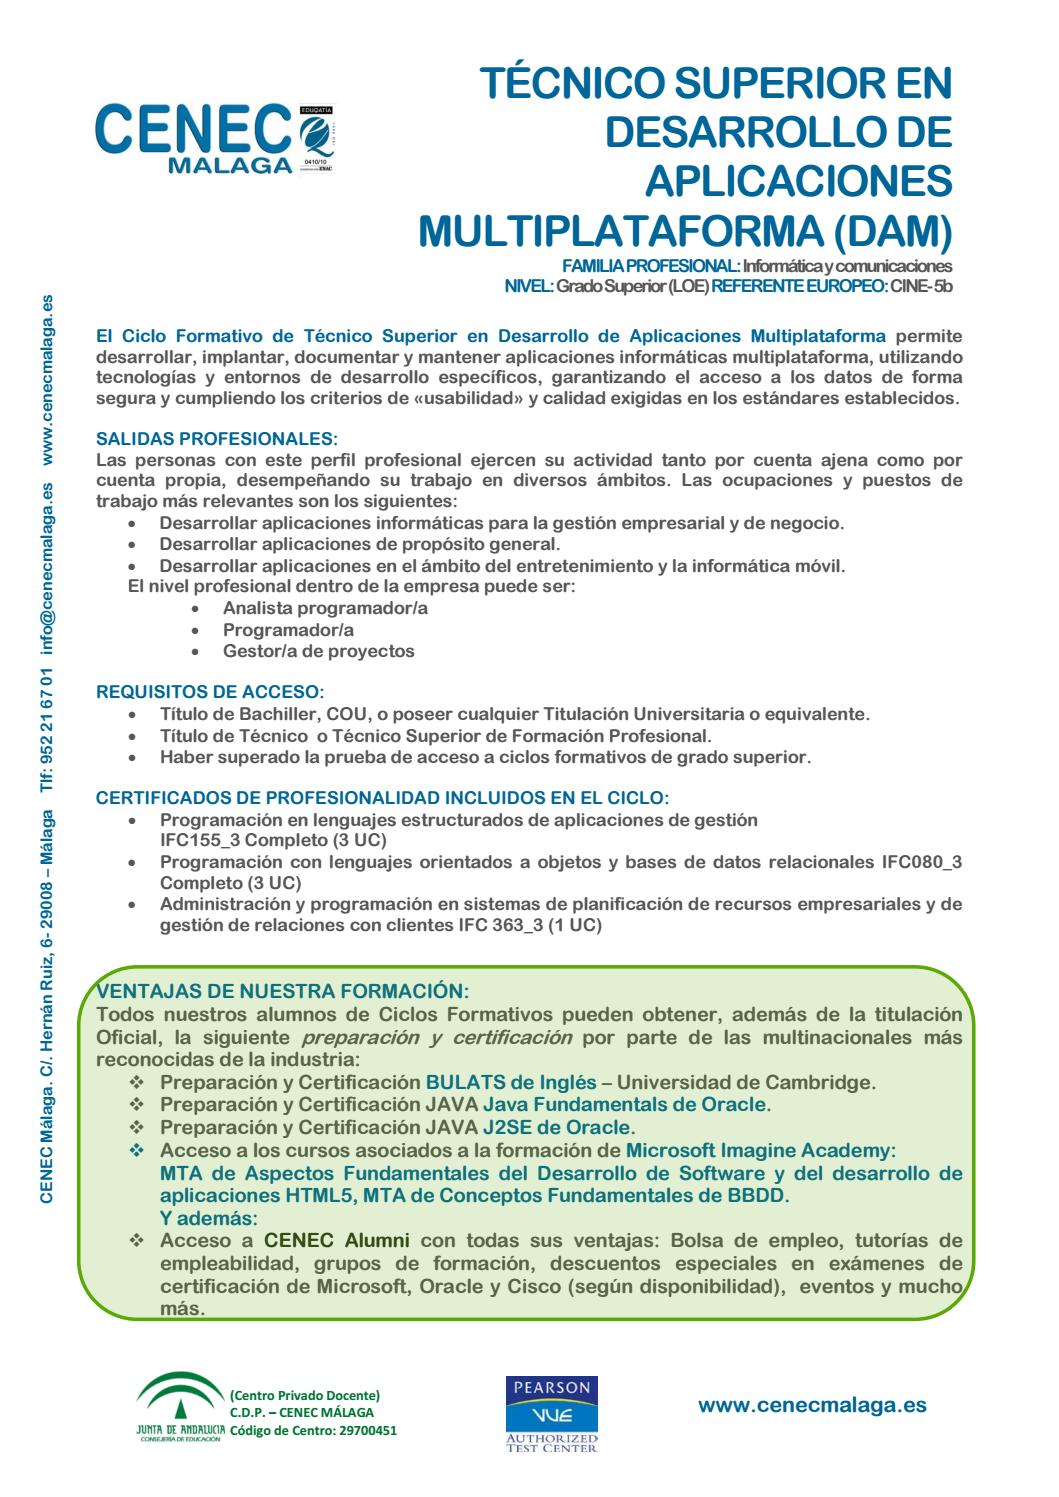 Dam Desarrollo De Aplicaciones Multiplataforma 2016 17 By